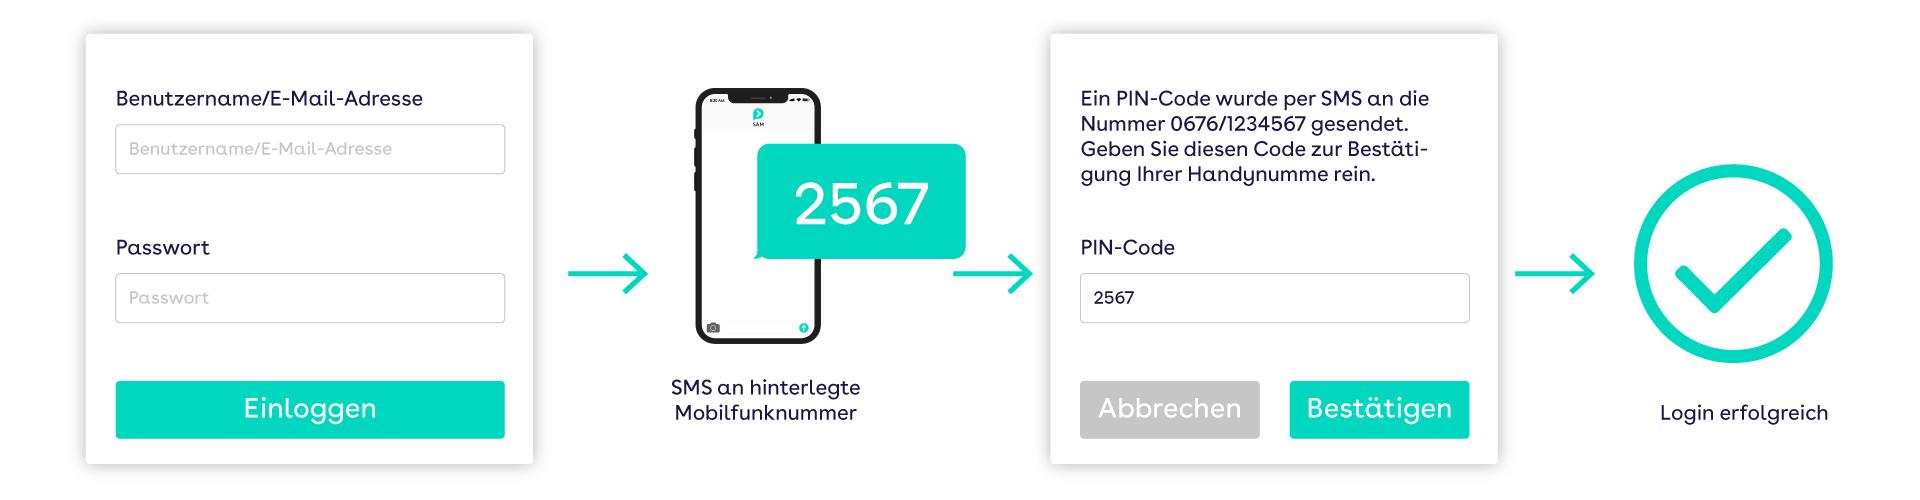 websms - Ablauf einer Zwei-Faktor-Authentifizierung über PIN-Code per SMS